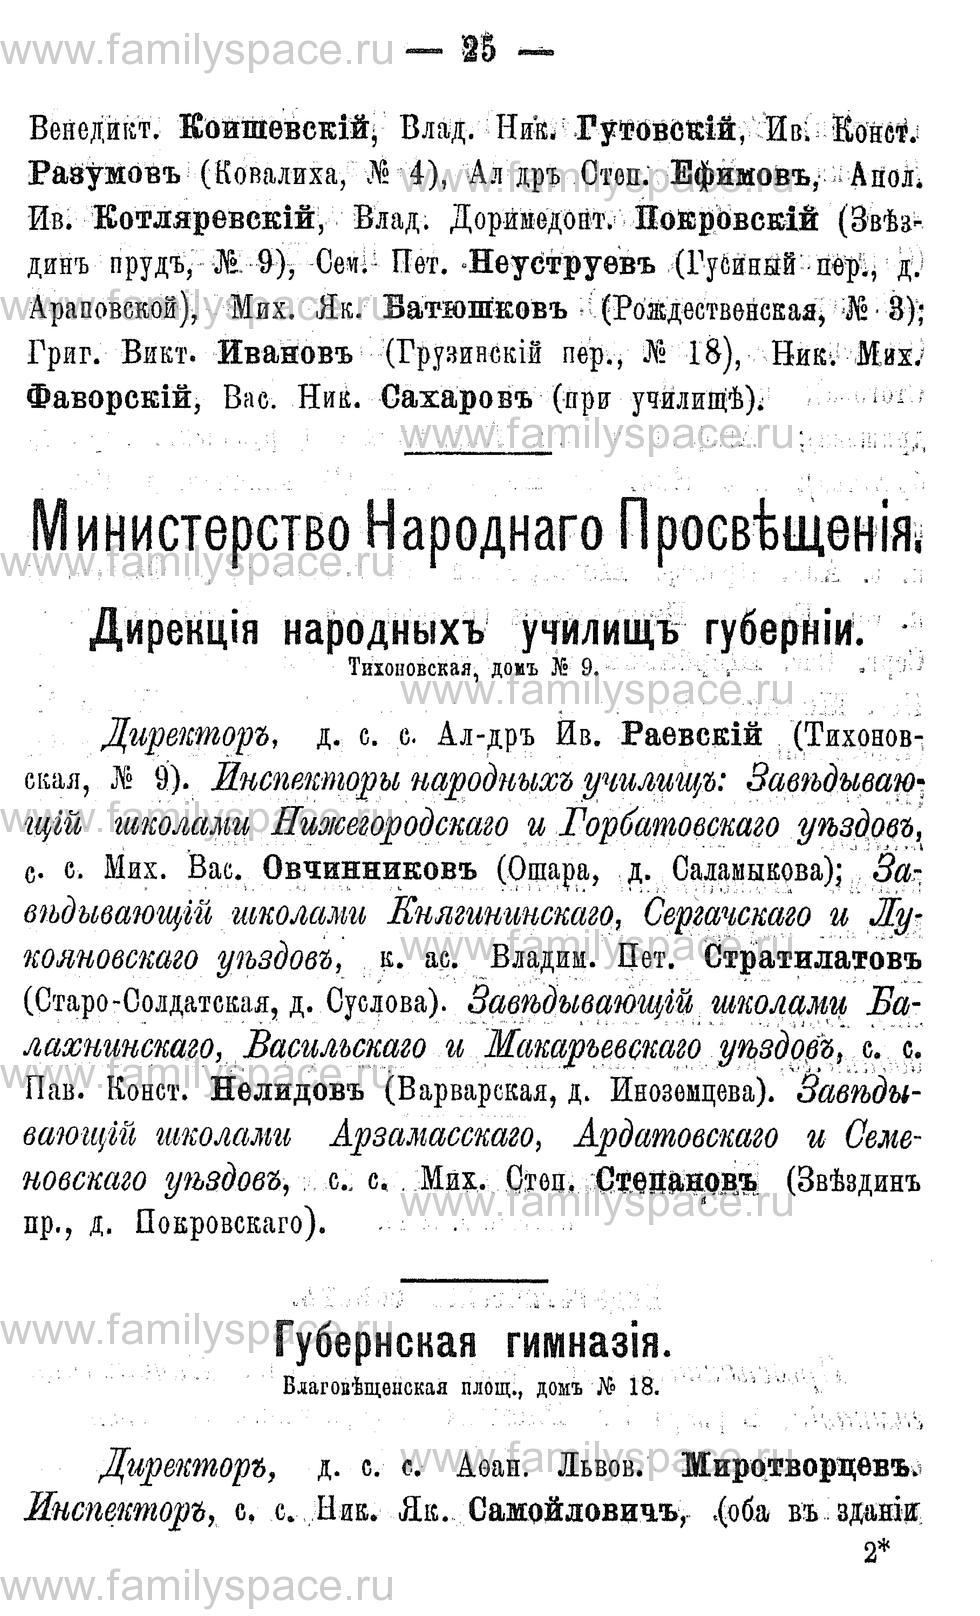 Поиск по фамилии - Адрес-календарь Нижегородской губернии на 1891 год, страница 25